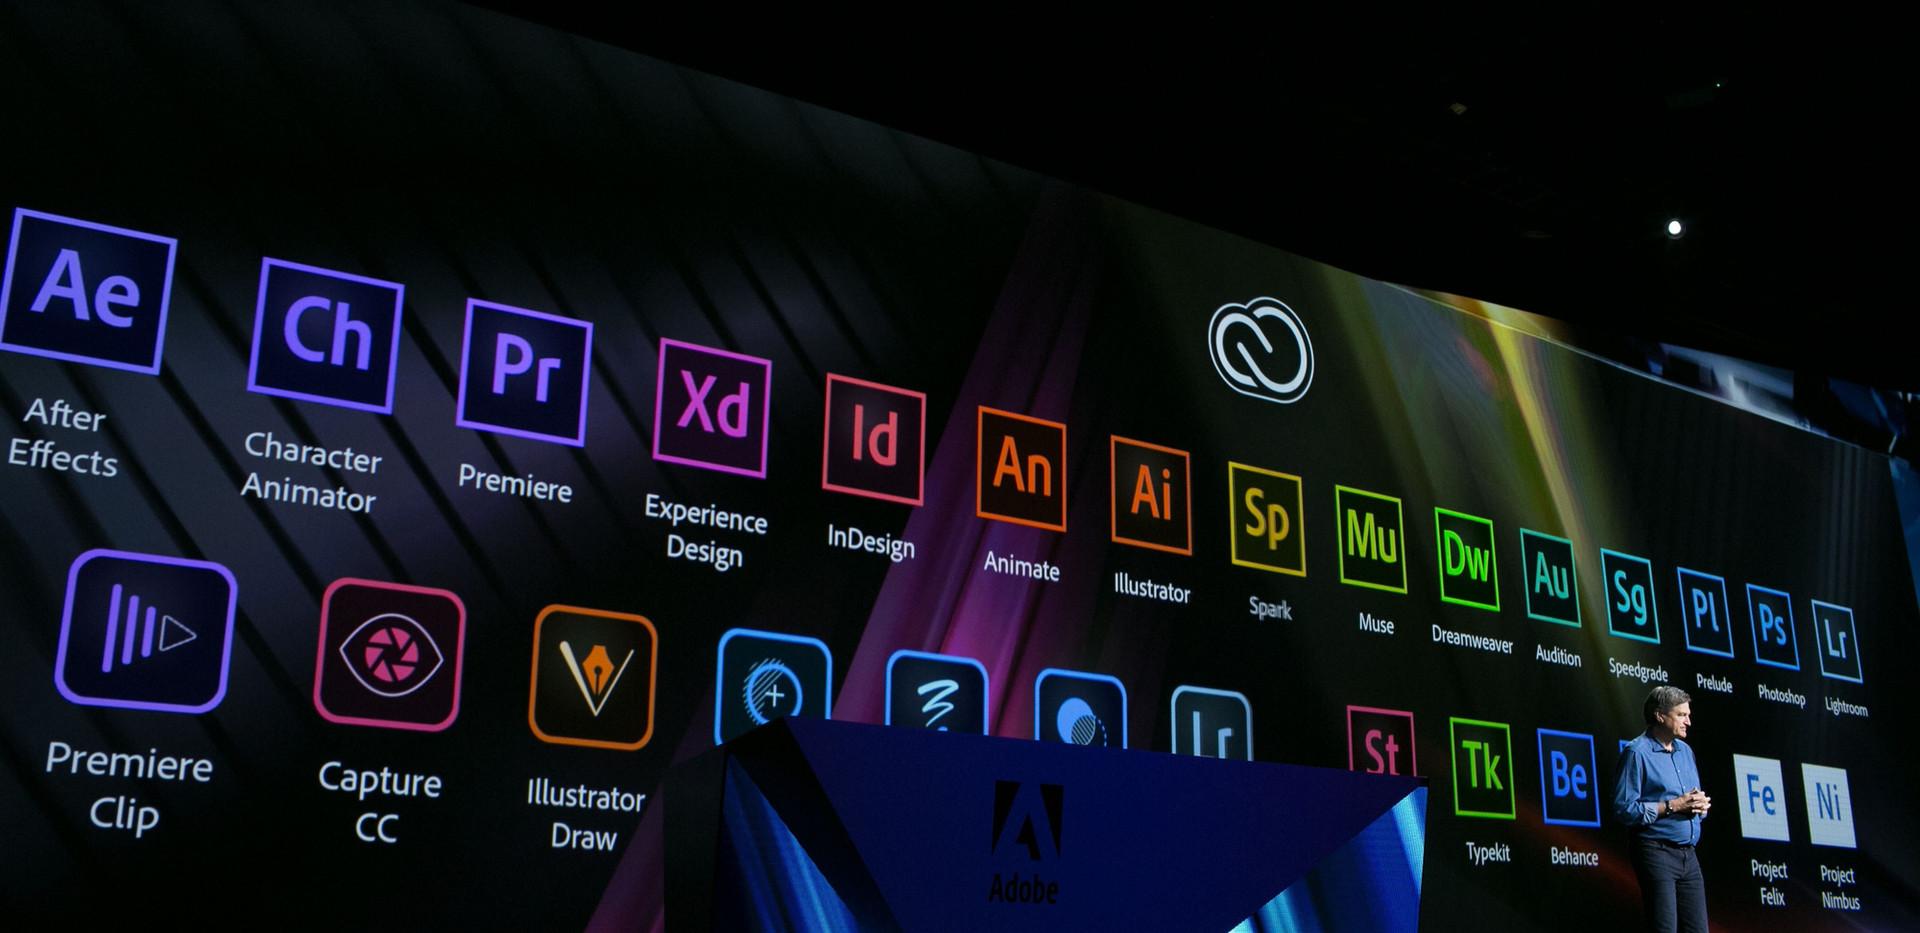 Adobe Max Creative Conference